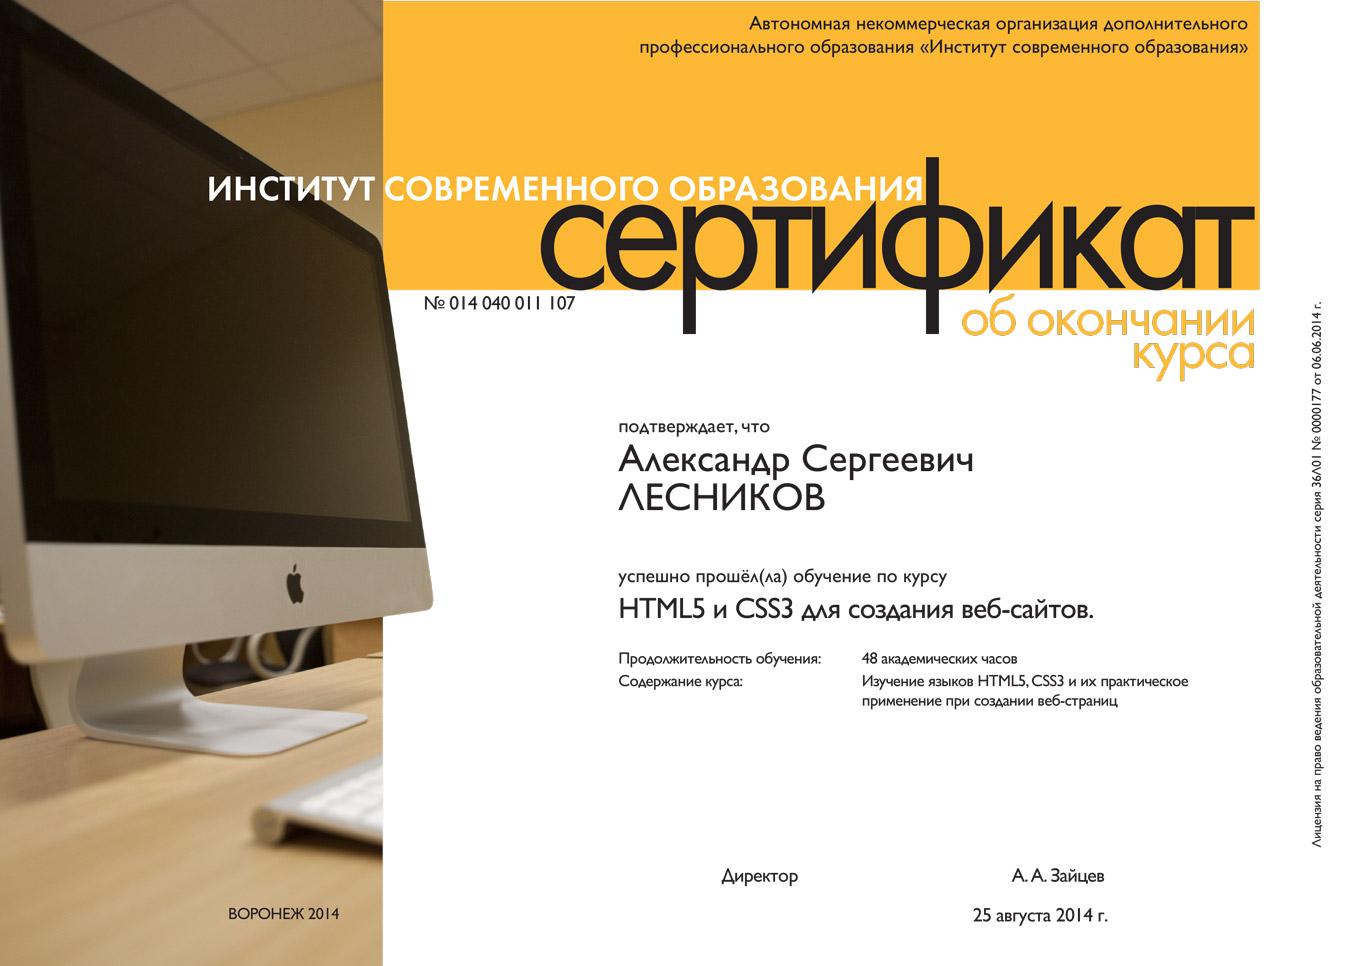 Дополнительное образование по web дизайну